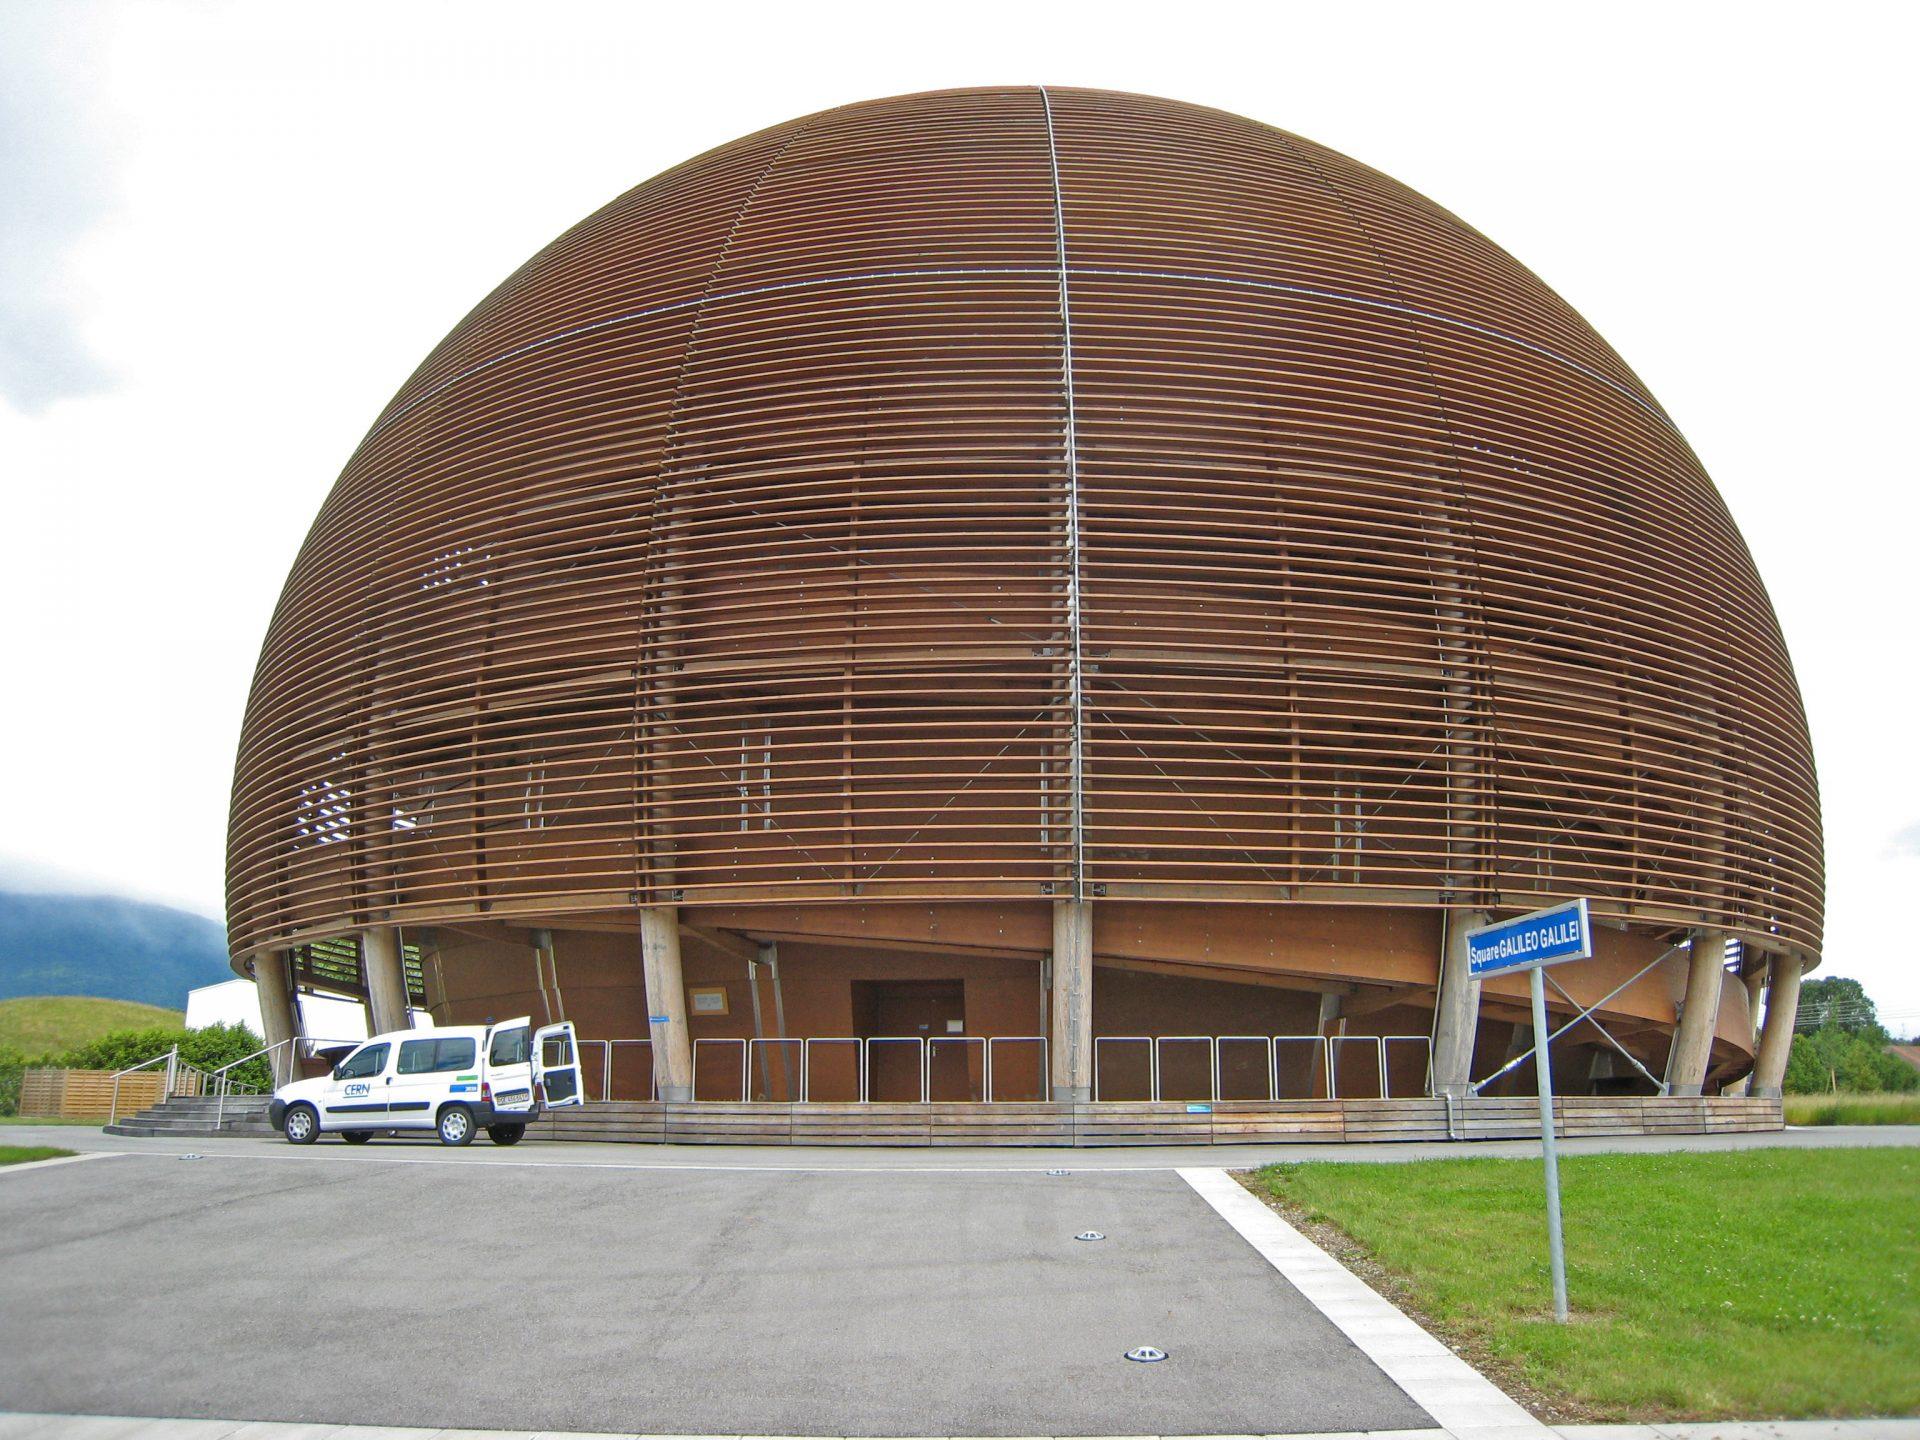 Alunos de escola portuguesa de Díli recolhem fundos para visitar CERN após prémio